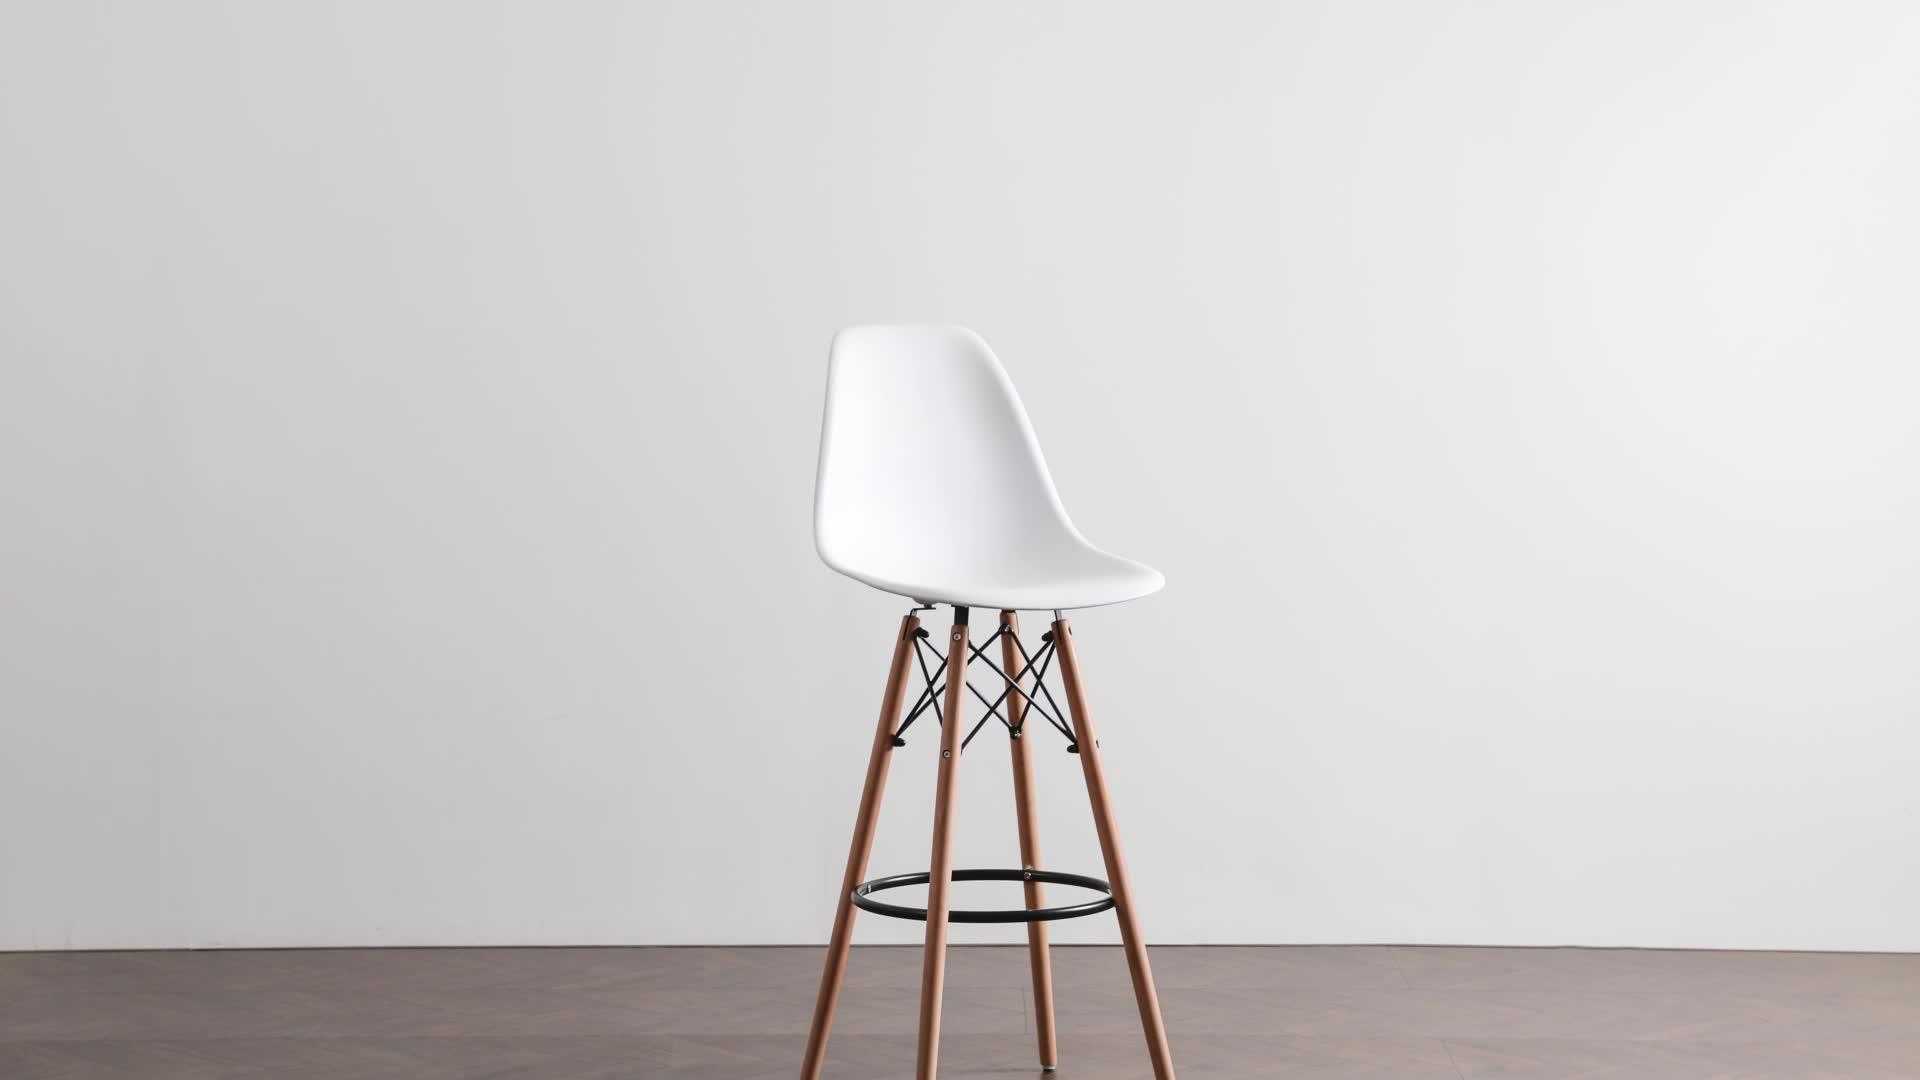 Cadeira alta para snack bar cadeira de bar de madeira de plástico